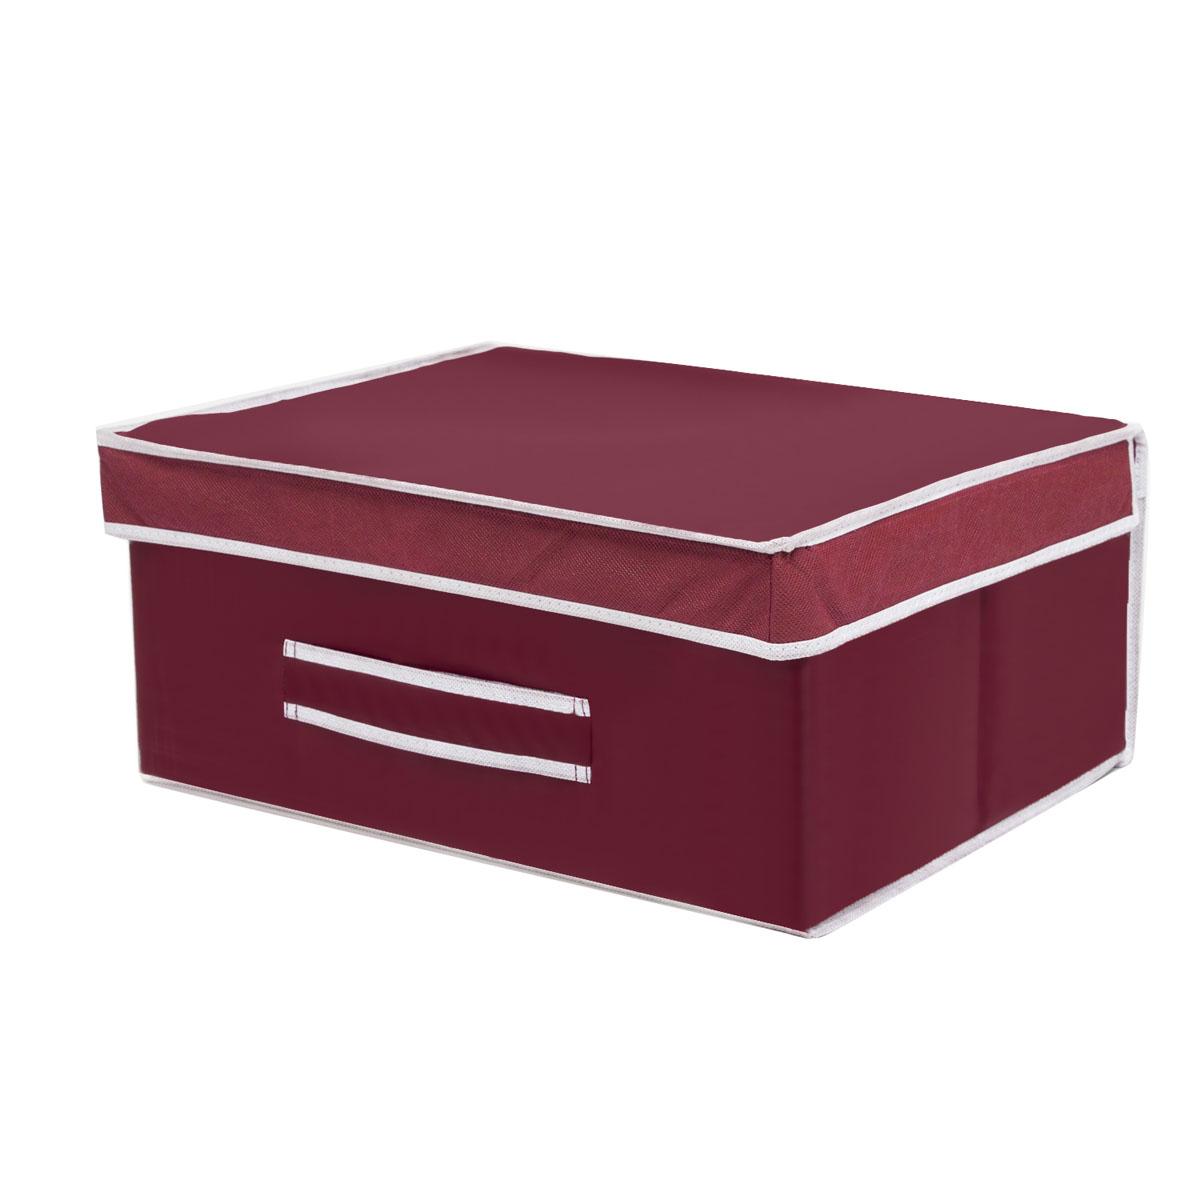 Коробка для хранения Homsu Red Rose, 45 х 37 х 20 см12723Вместительная коробка для хранения Homsu Red Rose выполнена из плотного картона. Изделие обладает удобным размером и привлекательным дизайном, выполненным в приятной цветовой гамме. Внутри коробки можно хранить фотографии, ткани, принадлежности для хобби, памятные сувениры и многое другое. Крышка изделия удобно открывается и закрывается.Коробка для хранения Homsu Red Rose станет незаменимой помощницей в путешествиях.